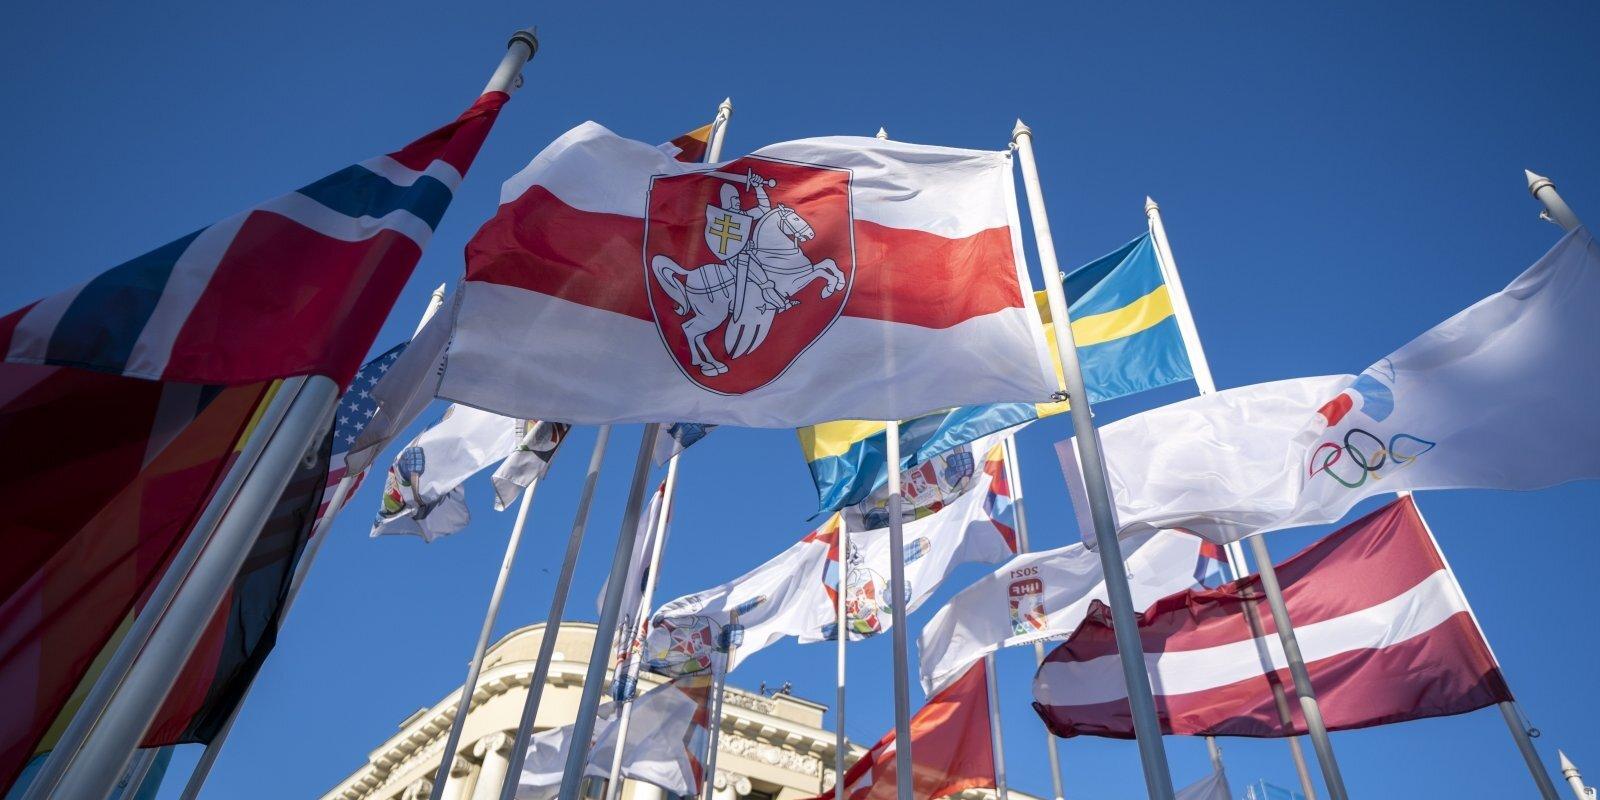 'Karogu skandāli' sportā: brāļu kari, kaimiņu naids un revolūcijas krāsas Rīgas centrā